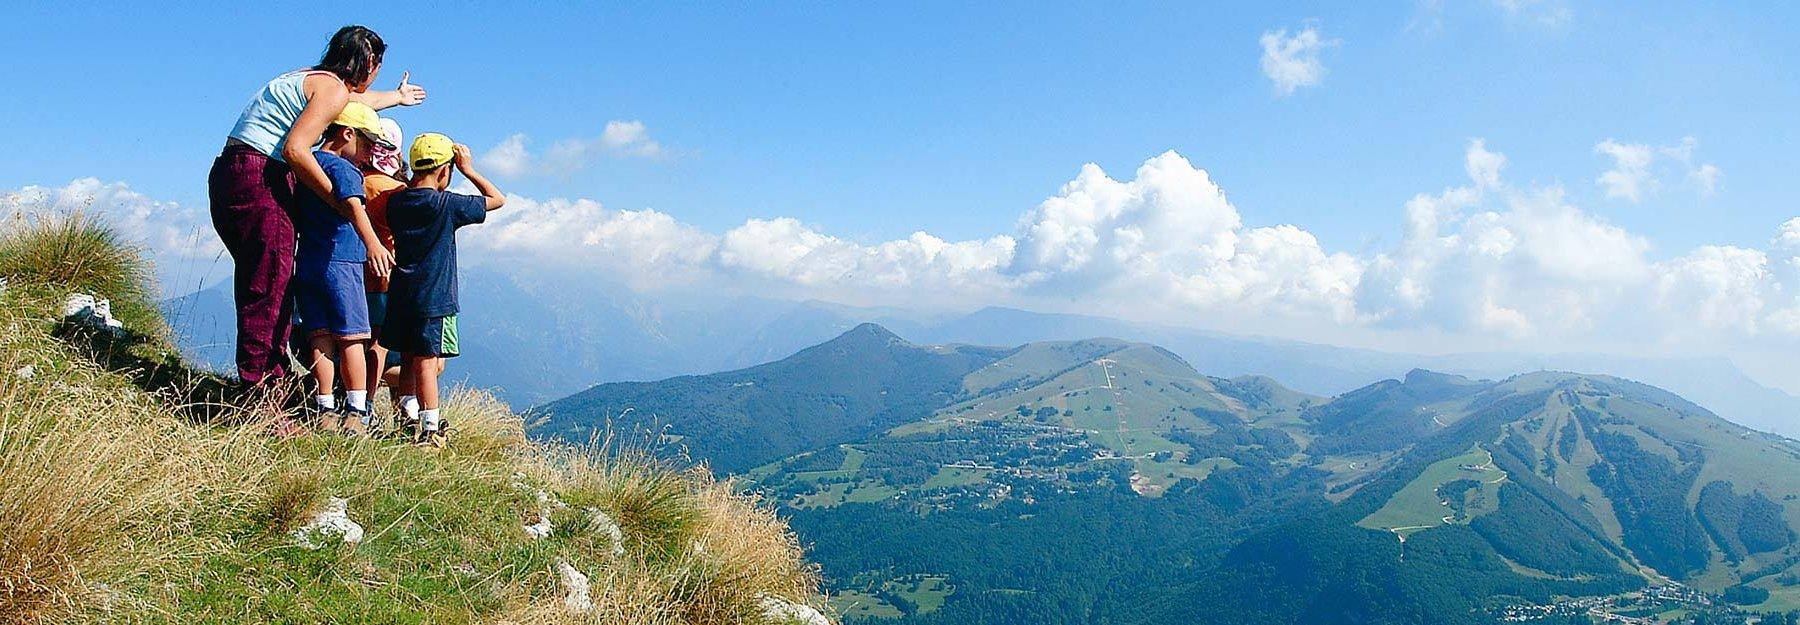 ffbb6af84a Altopiano di Brentonico: estate nel Parco del Monte Baldo, la montagna dei  bambini a un'ora da Verona : Bimbo in Viaggio (Sito Ufficiale) Hotel per  bambini ...